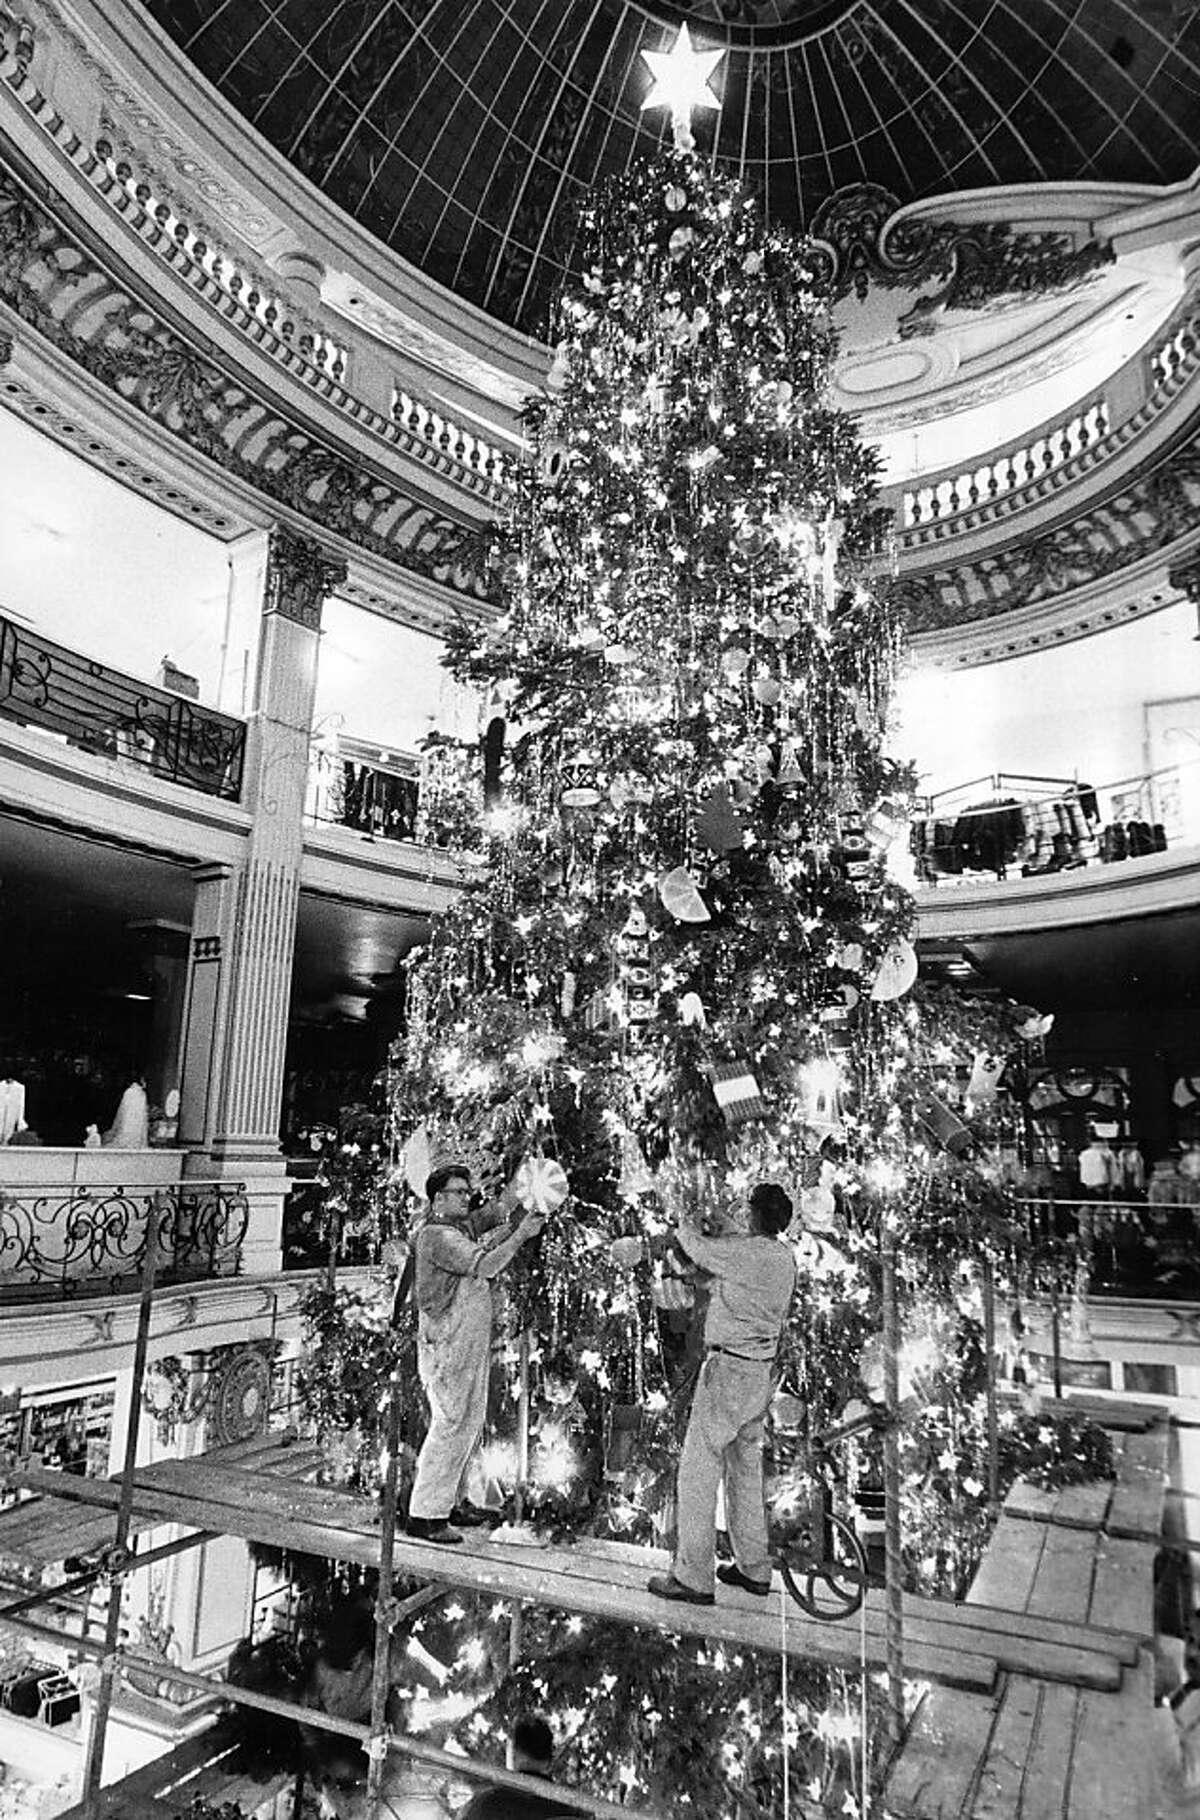 The City of Paris Christmas tree.